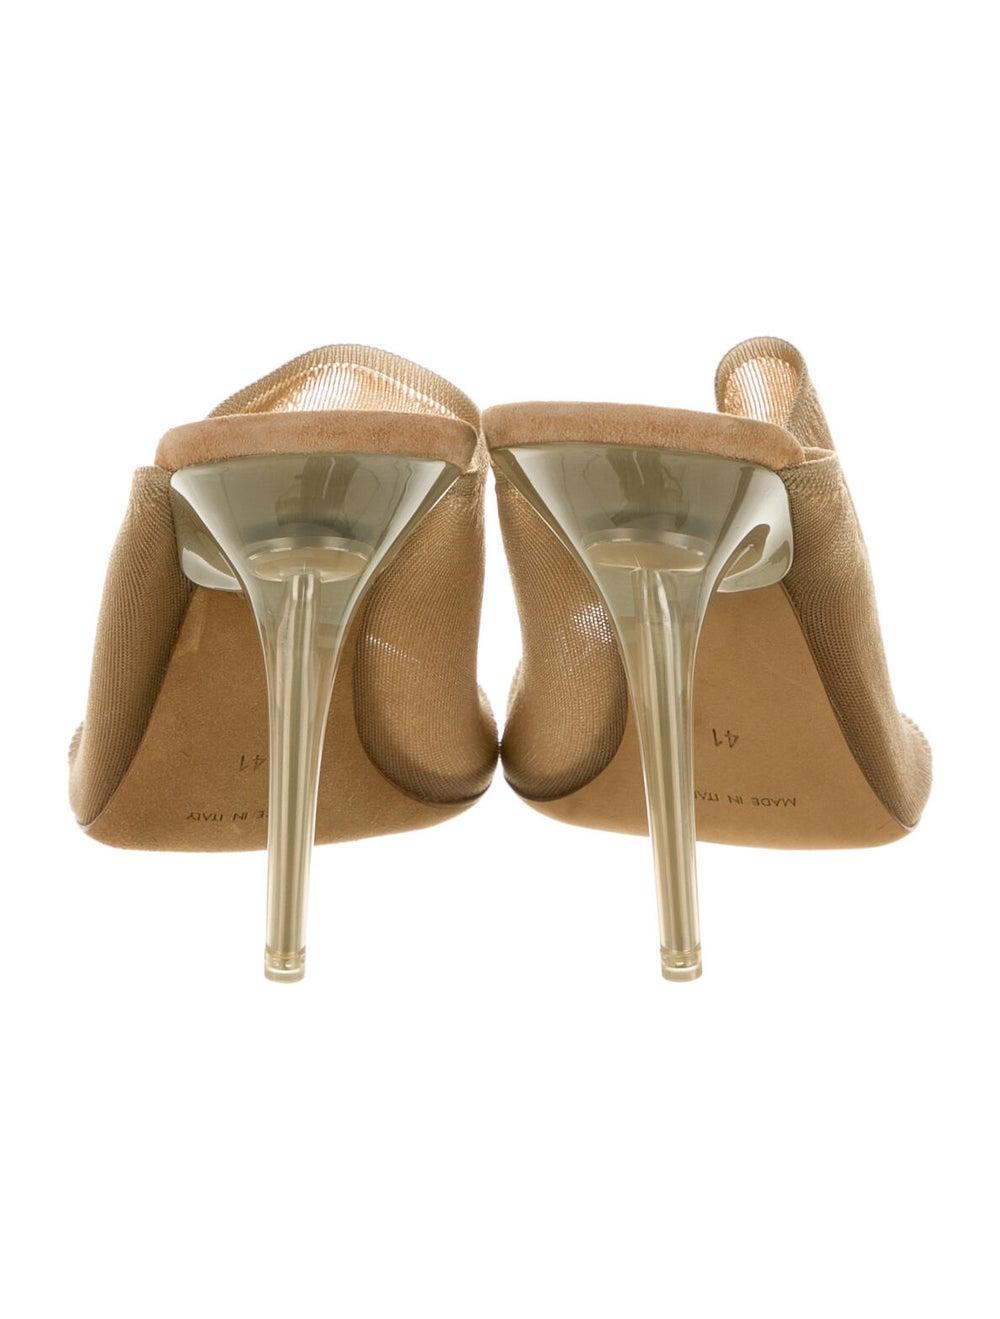 Yeezy Season 6 Sandals - image 4